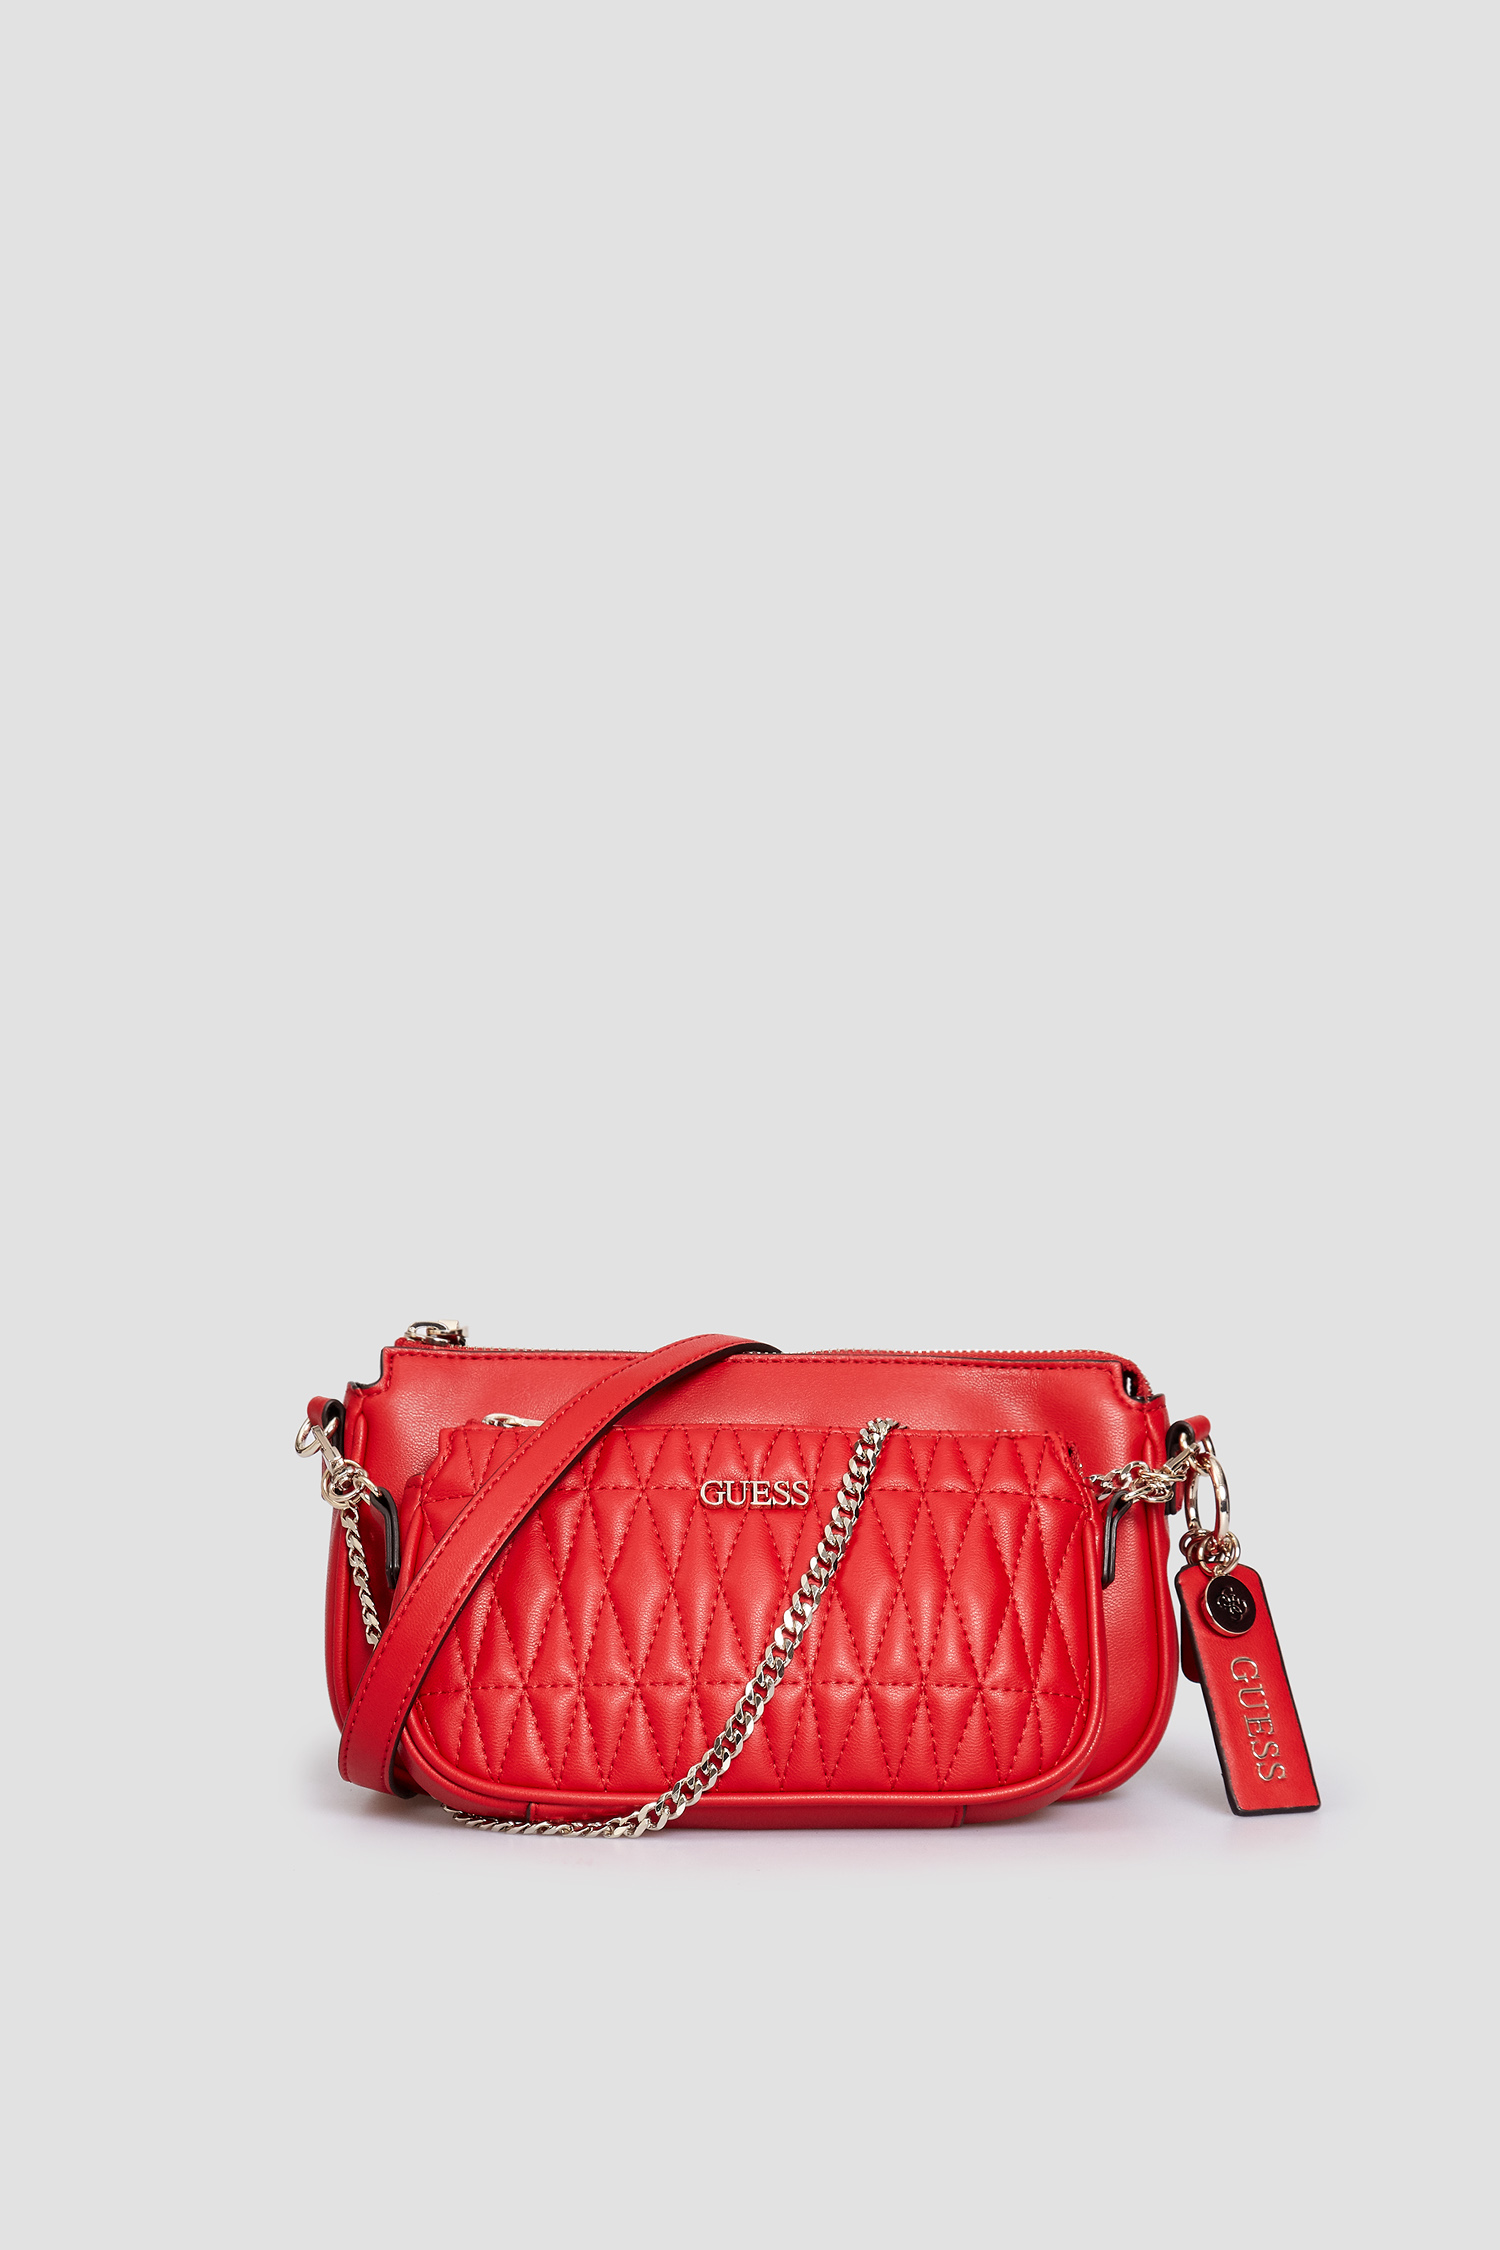 Красная сумка через плечо для девушек Guess HWVG78.85700;RED